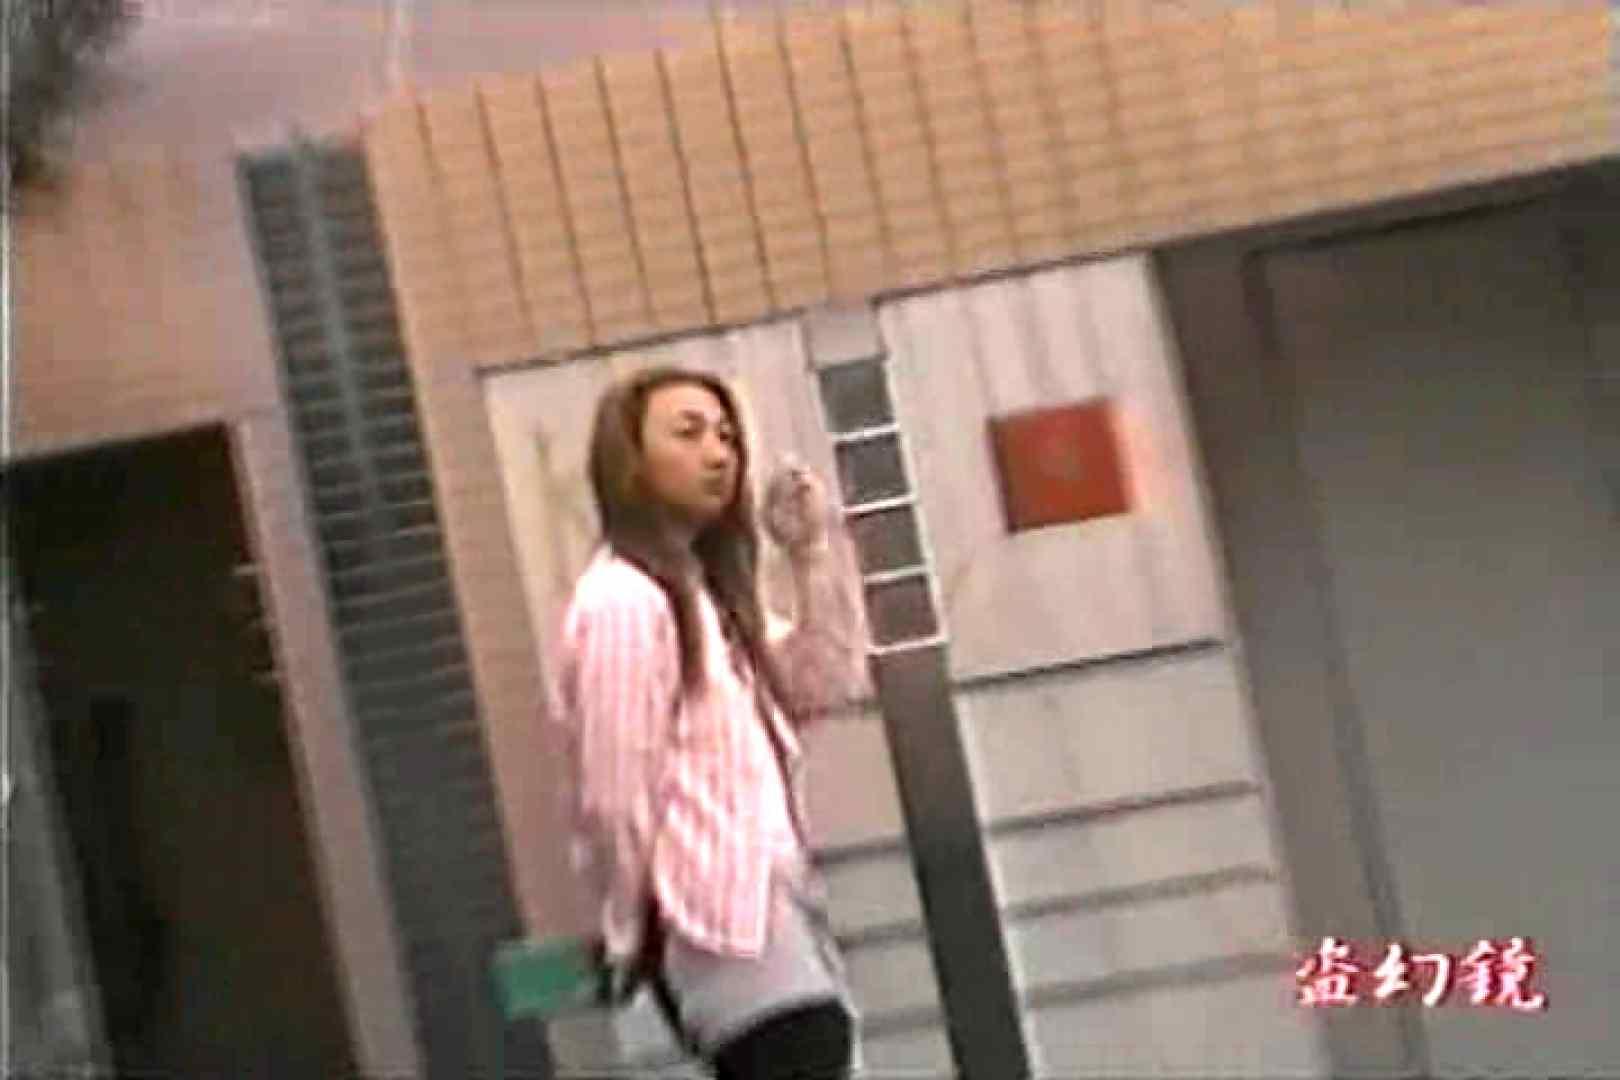 朝採り!快便臨海洗面所SFX-① 名作 盗み撮りオマンコ動画キャプチャ 107画像 83